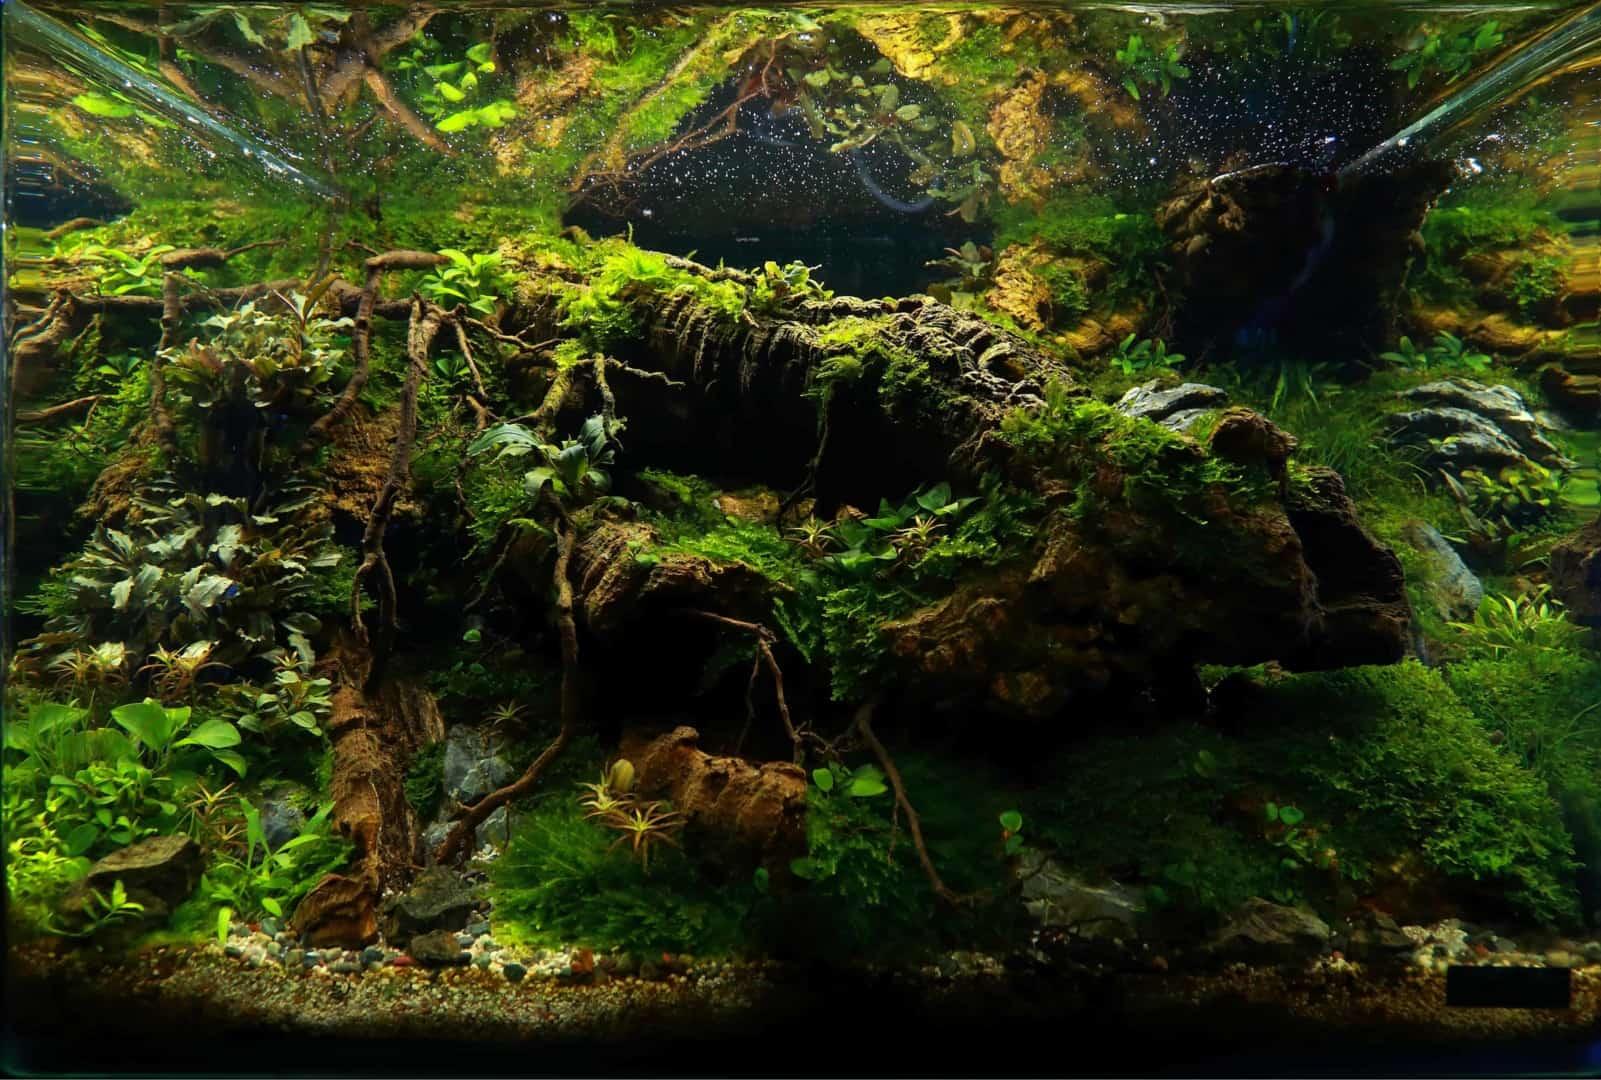 191 - The Art of the Planted Aquarium - Neuheiten und Möglichkeiten zum Mitmachen im April 2019 (Stefanie Hesse) 14